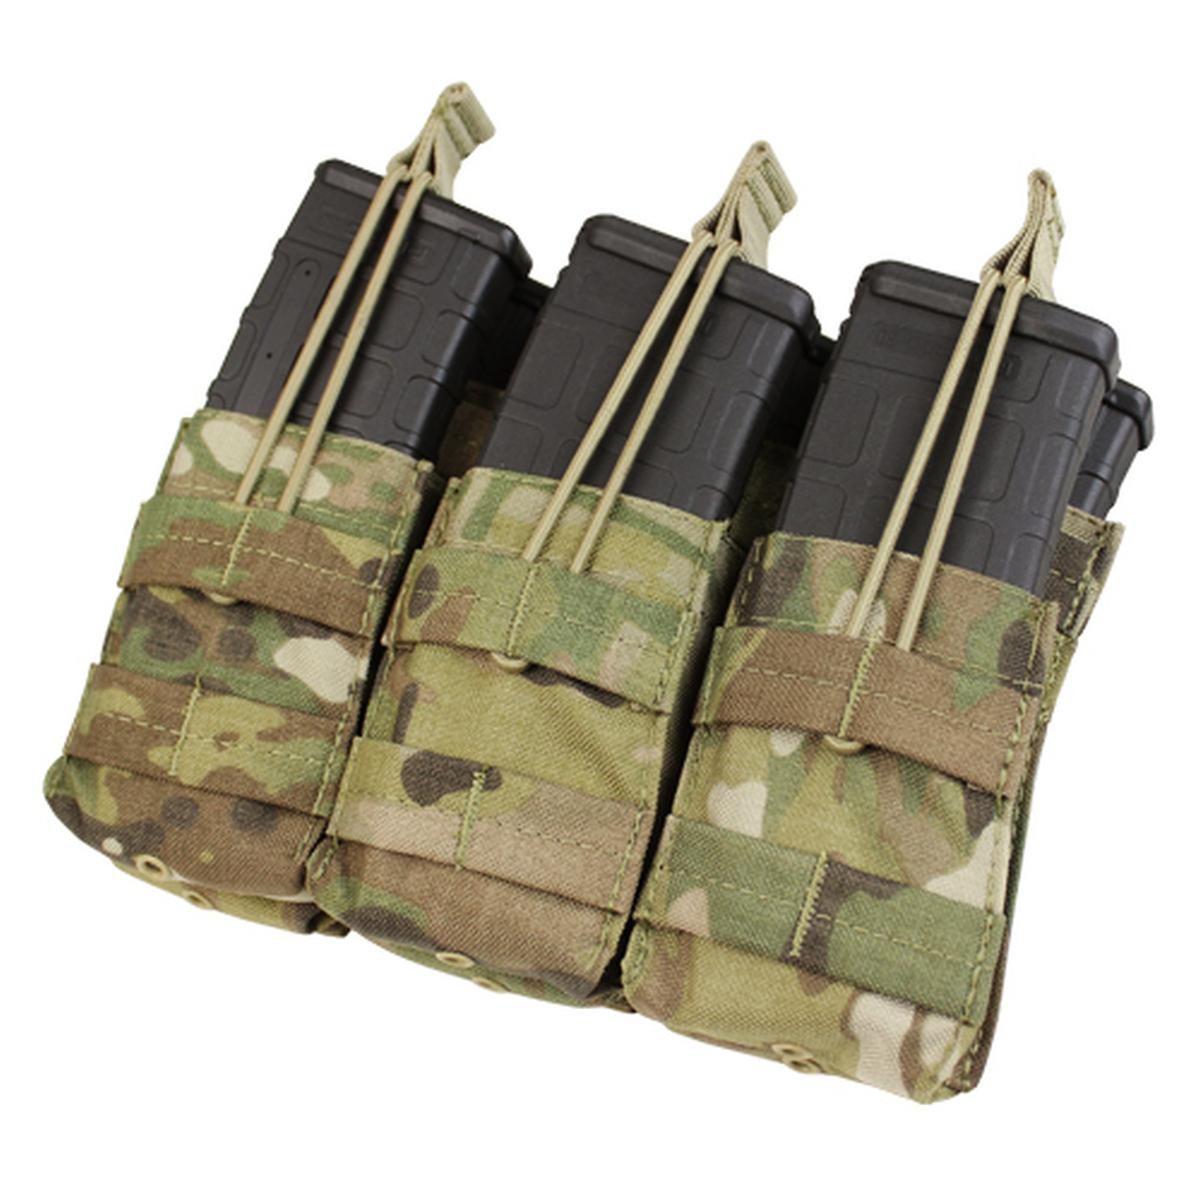 CONDOR MA44-008 Triple Stacker M4//M16 Mag Pouch MultiCam